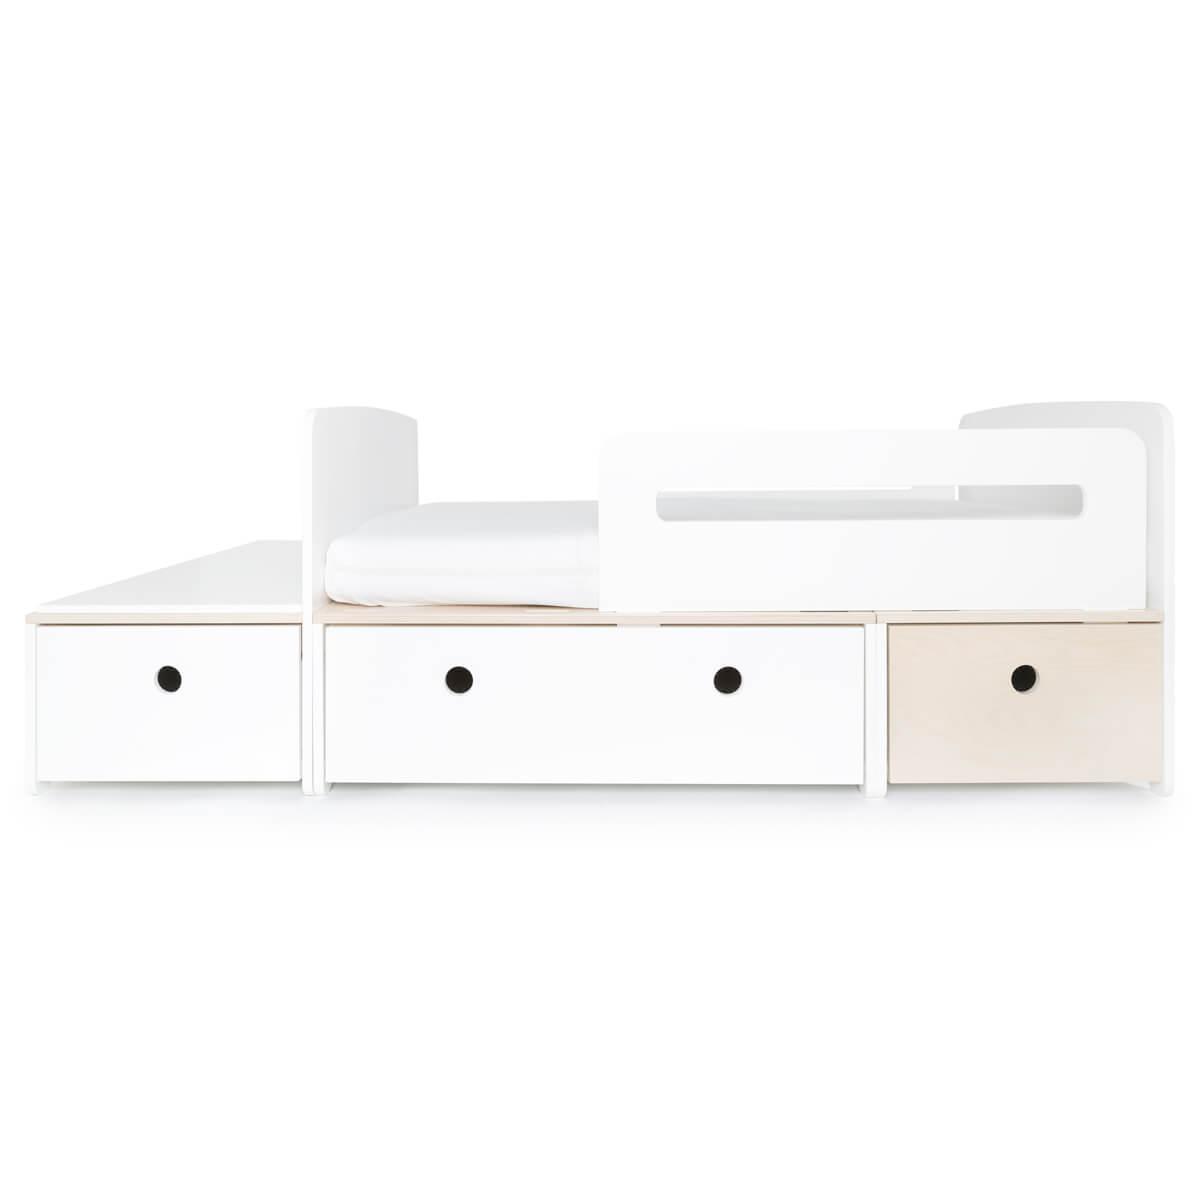 Cama evolutiva infantil 90x150/200cm COLORFLEX white-white-white wash